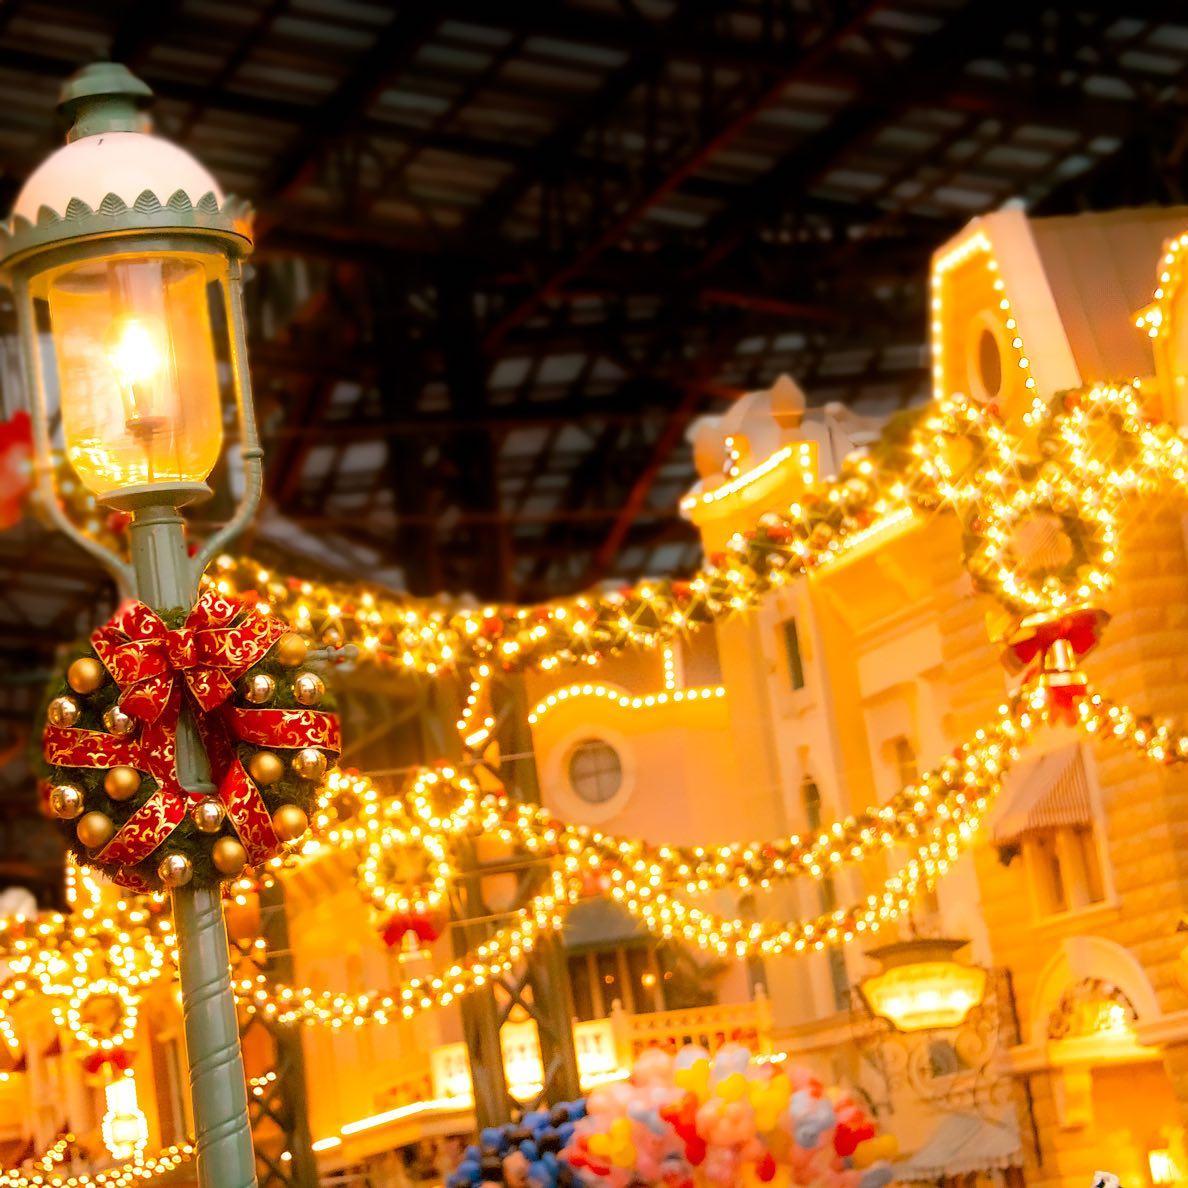 Switch on the magic! あかりが灯りはじめる時間✨ #christmasillumination #worldbazaar...のイメージ